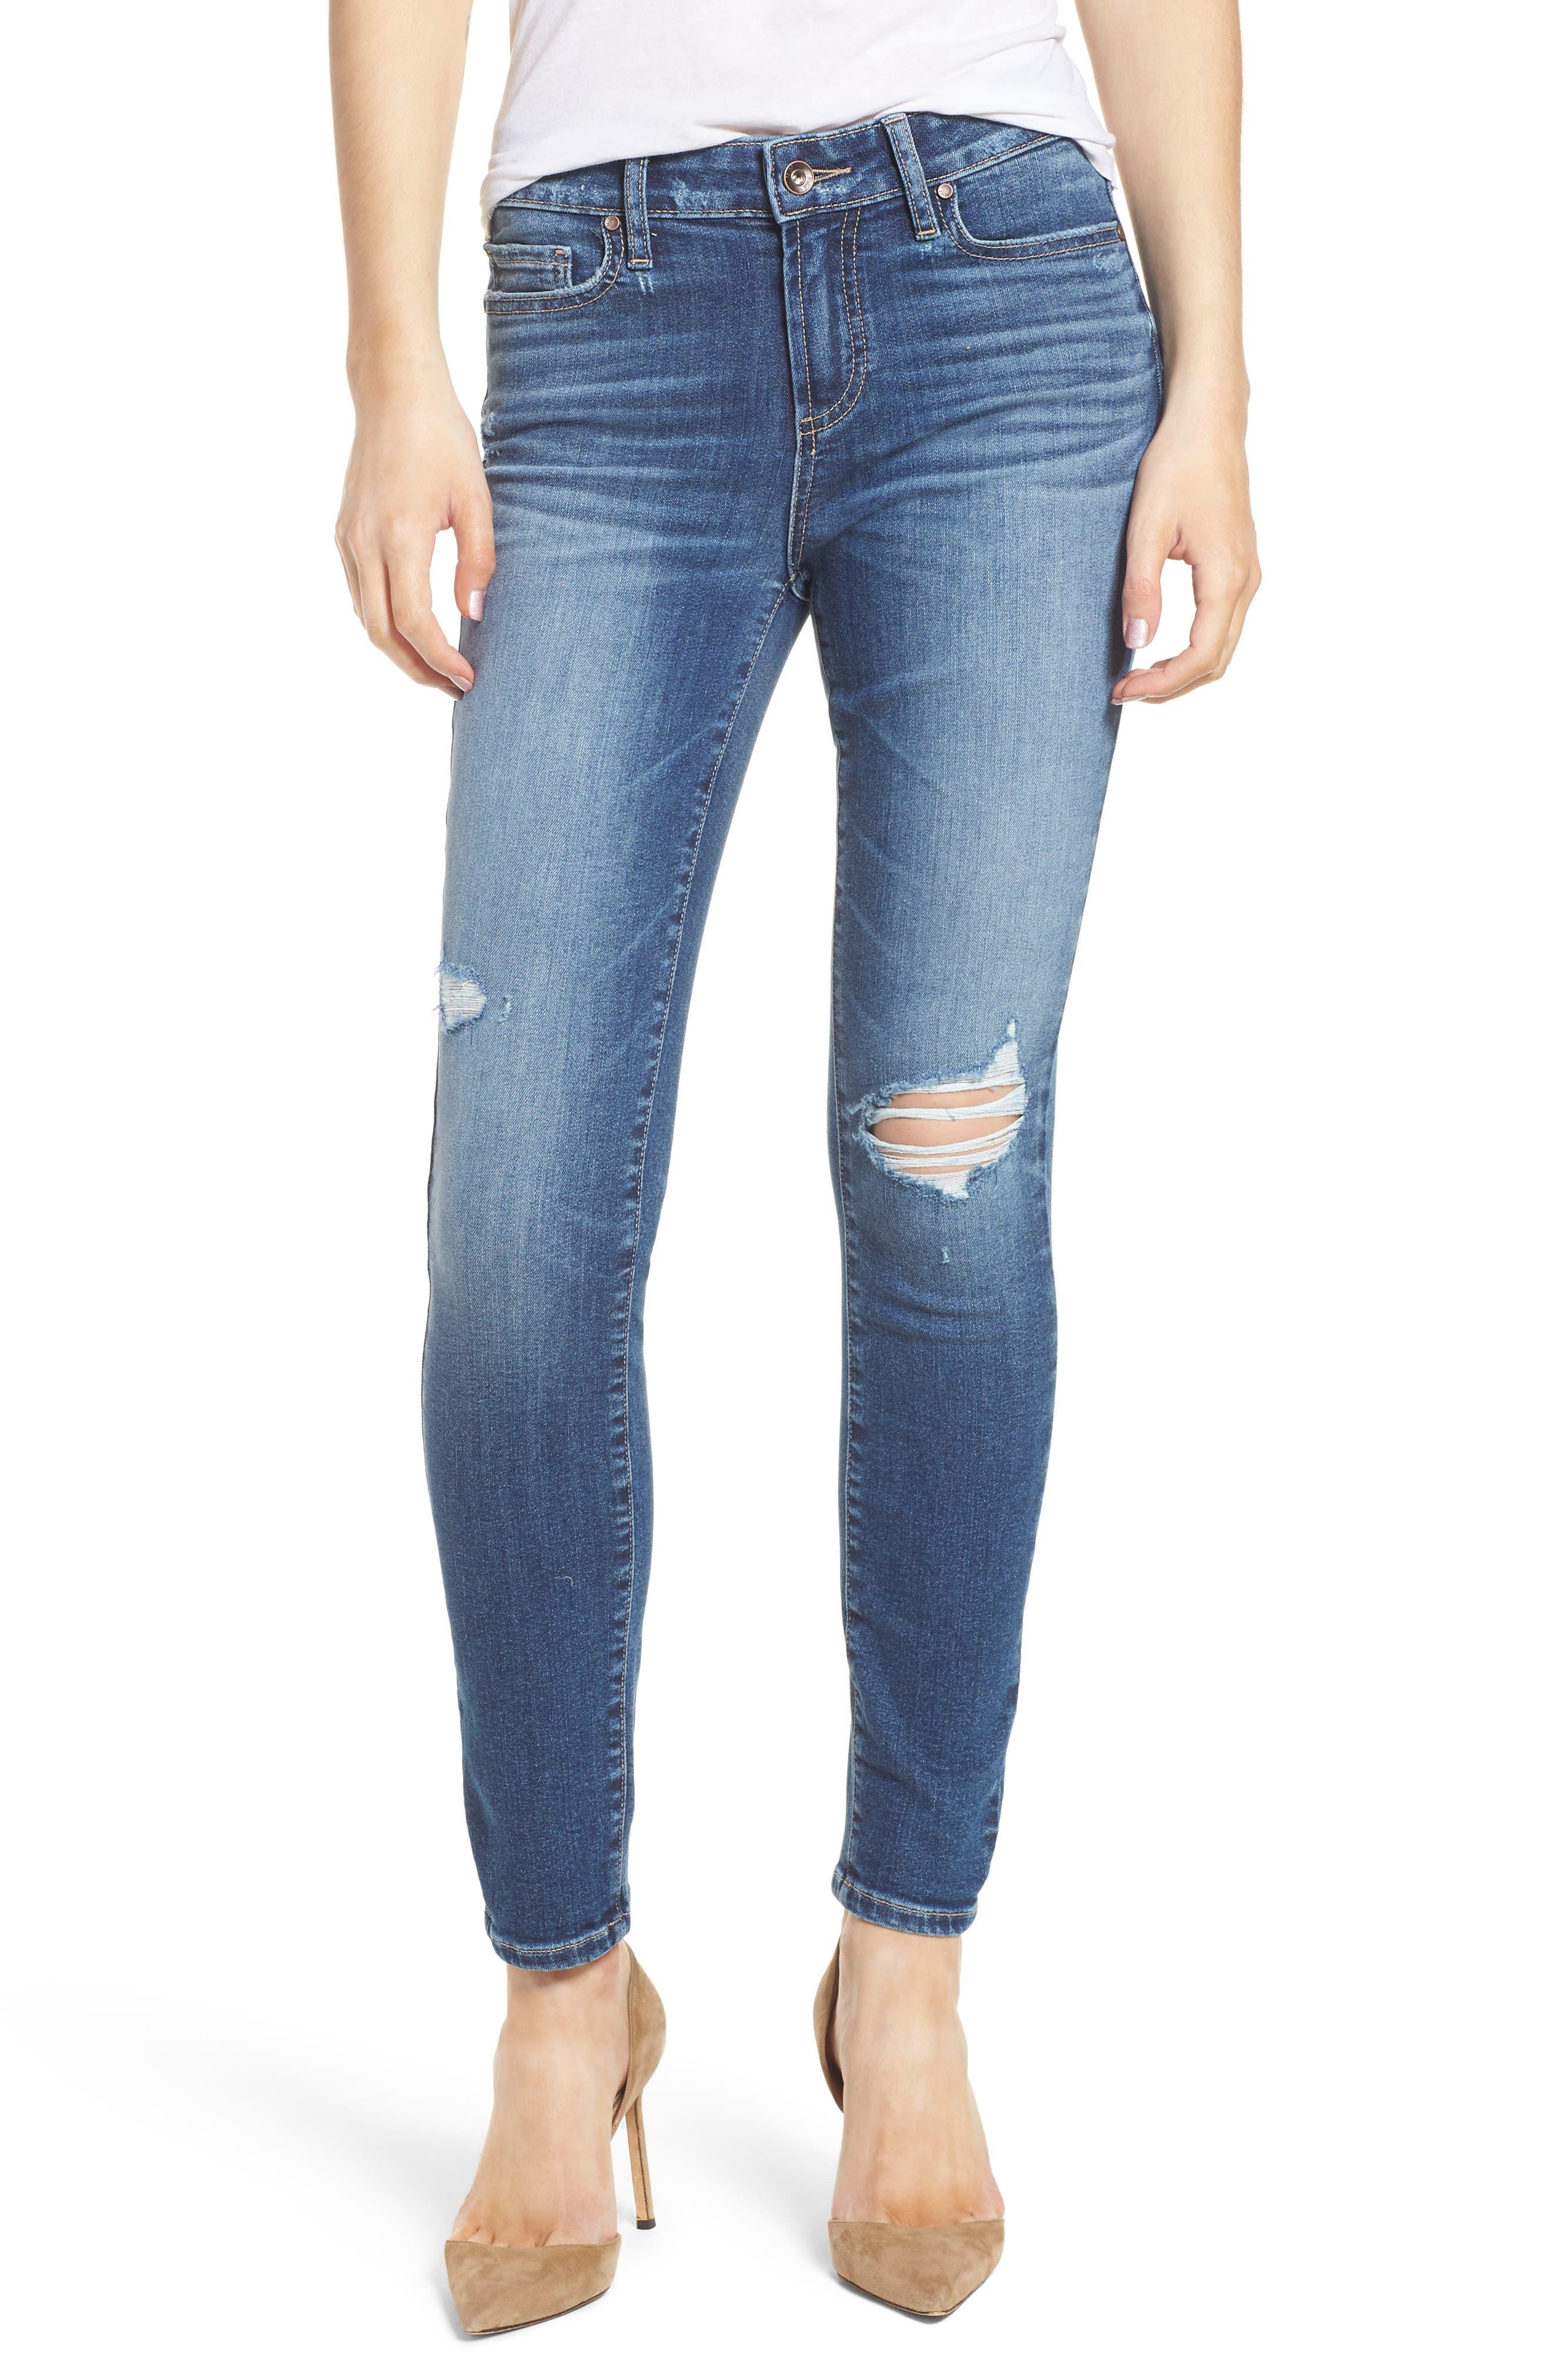 Transcend Vintage - Verdugo Ankle Skinny Jeans,                         Main,                         color, Pico Destructed